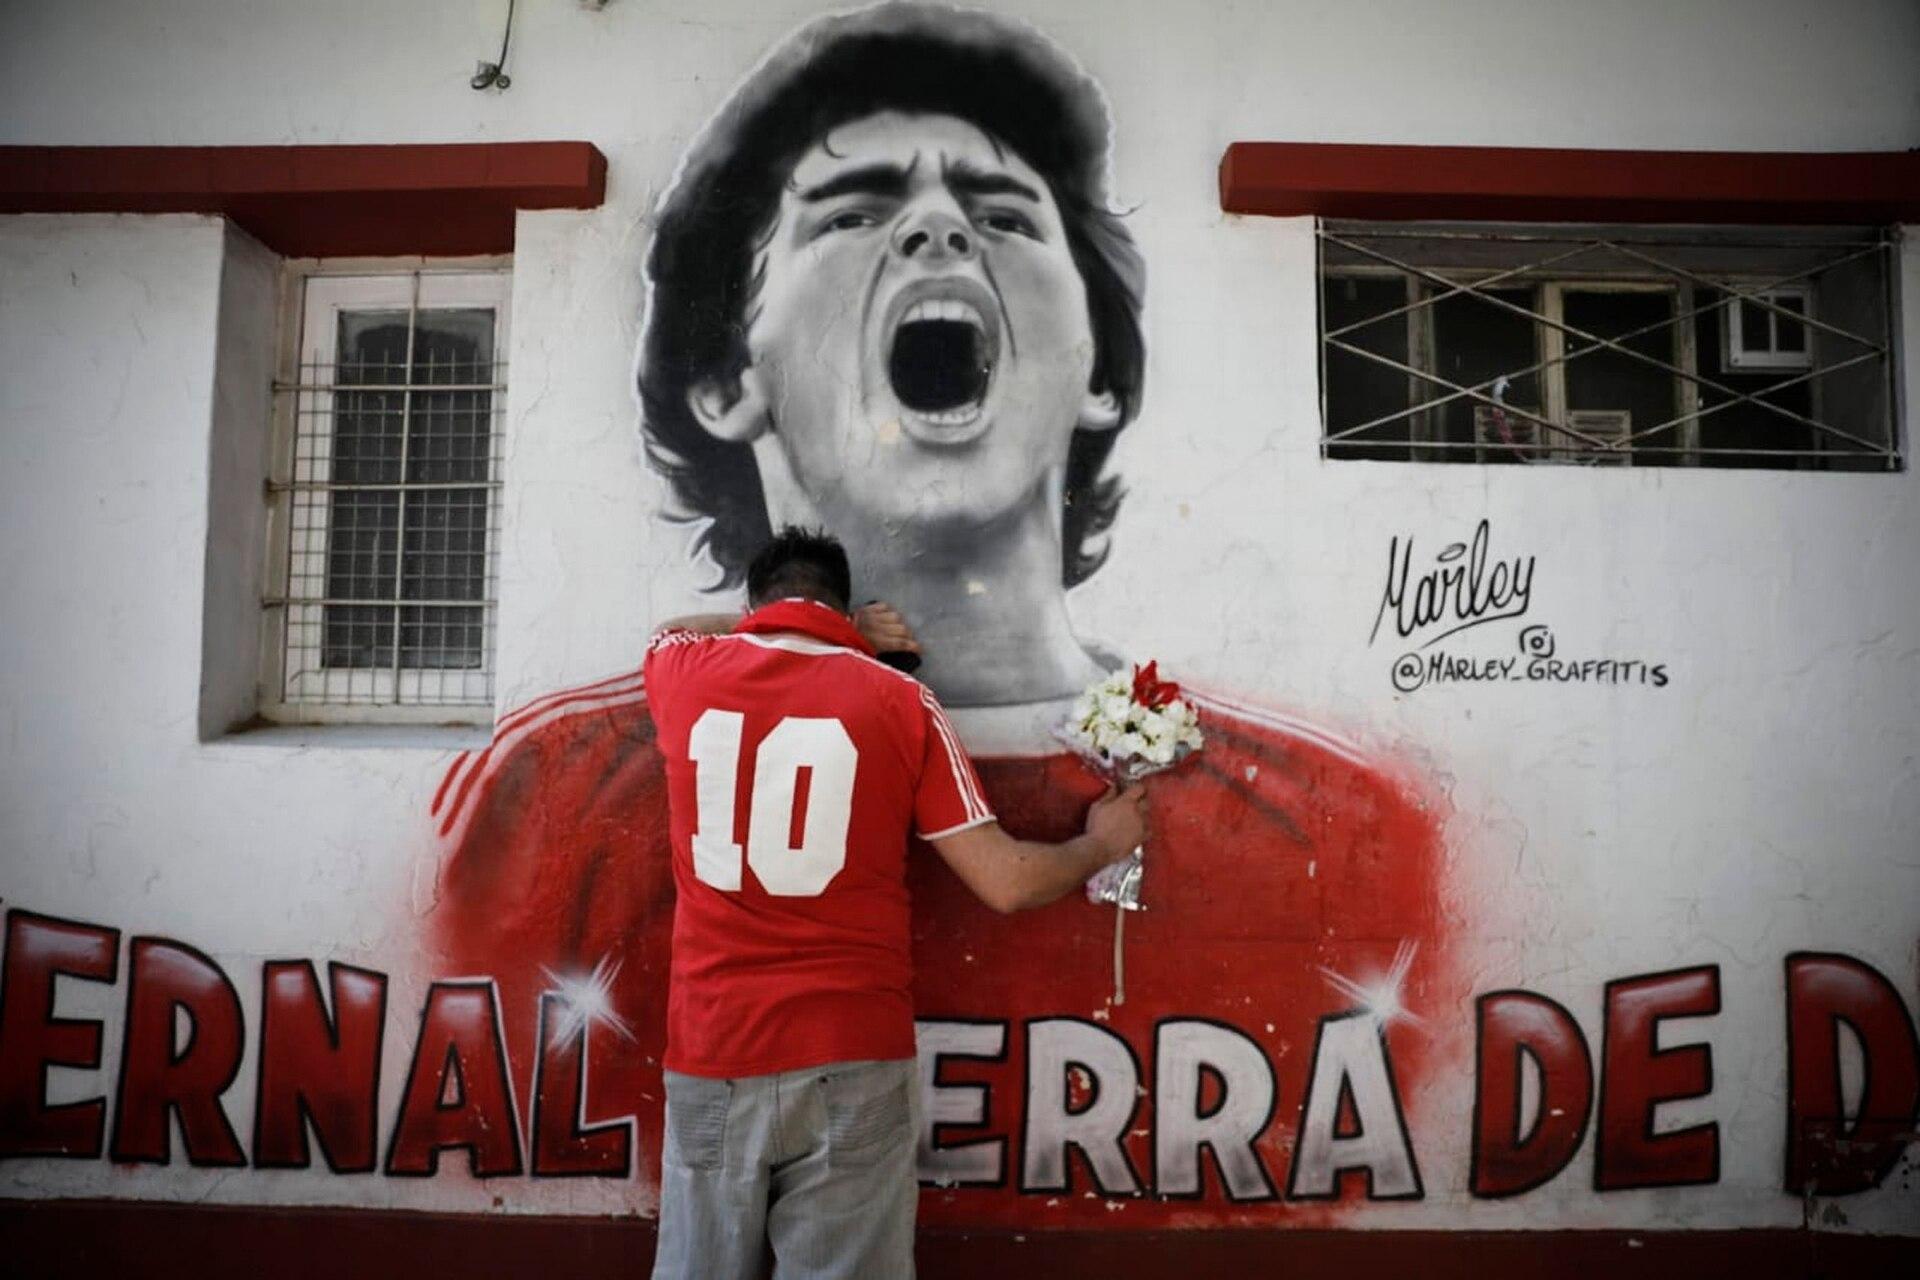 Tristeza en los alrededores de la cancha de Argentinos Juniors. En el dia de la muerte de Diego Maradona